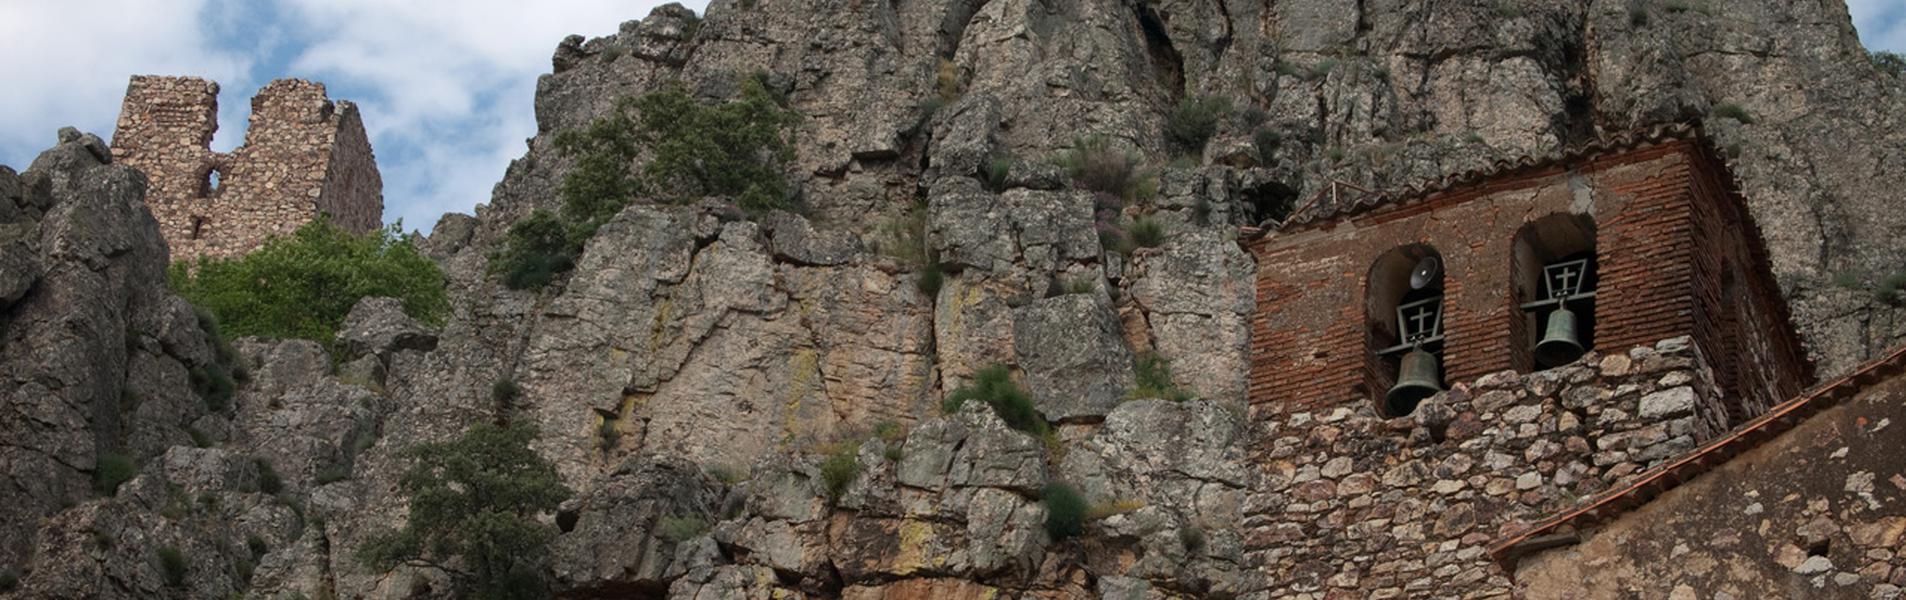 Cabañas del Castillo